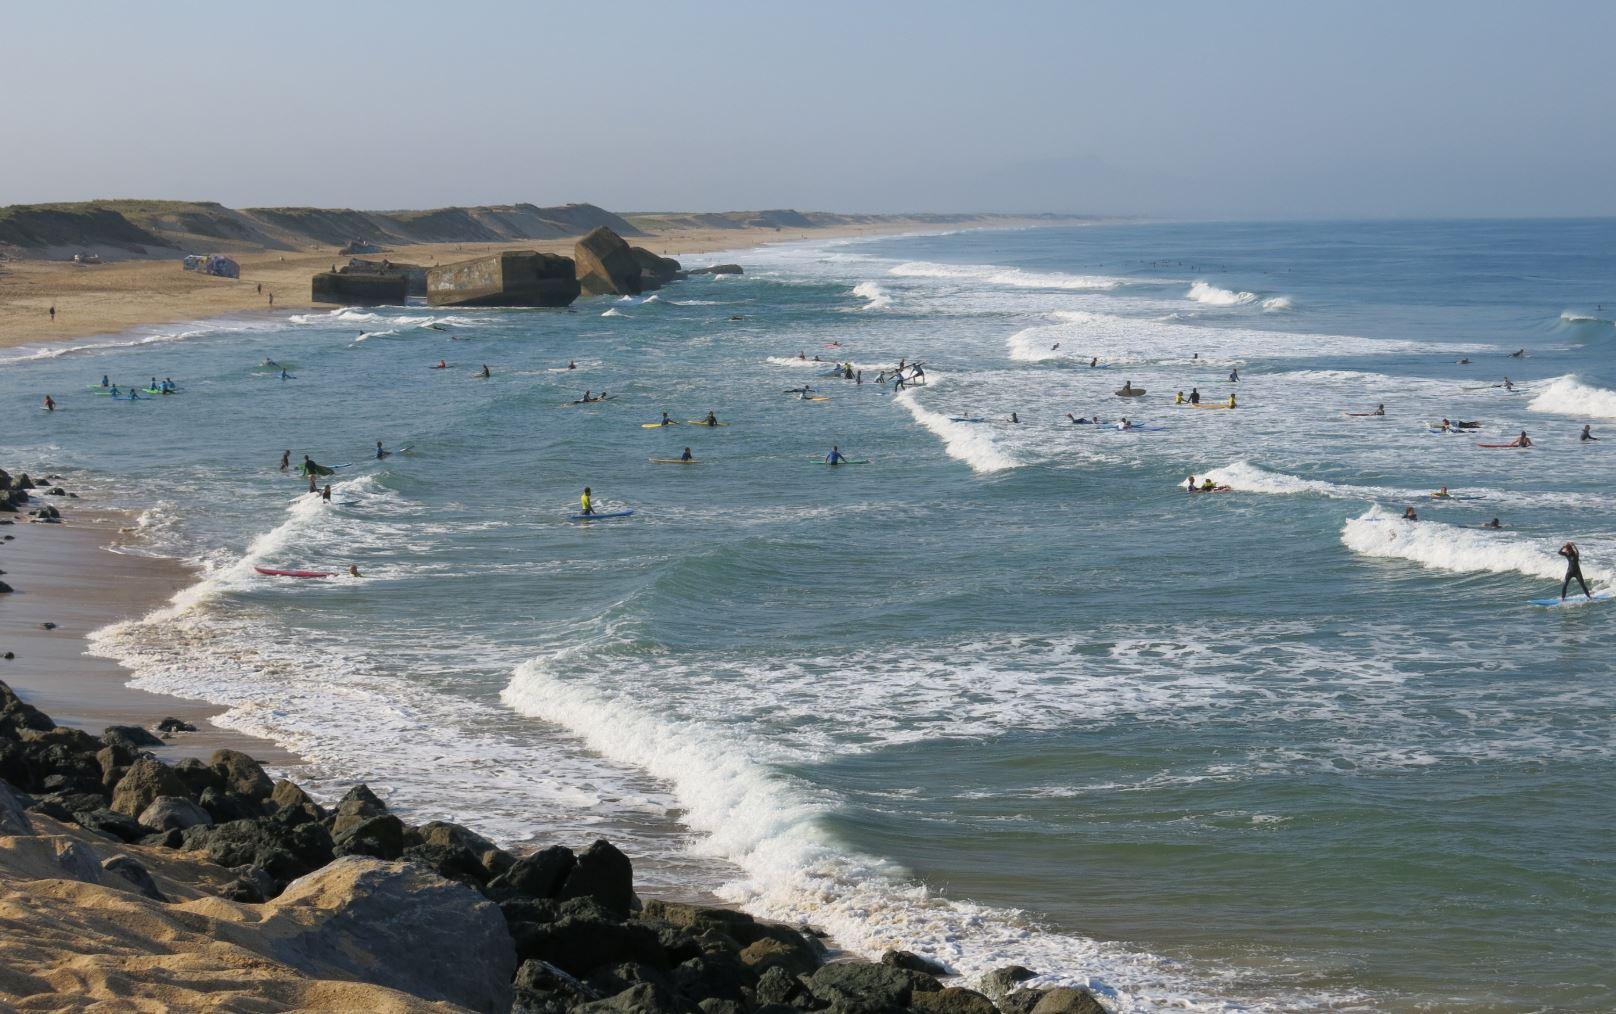 Plage des landes surf choses à faire